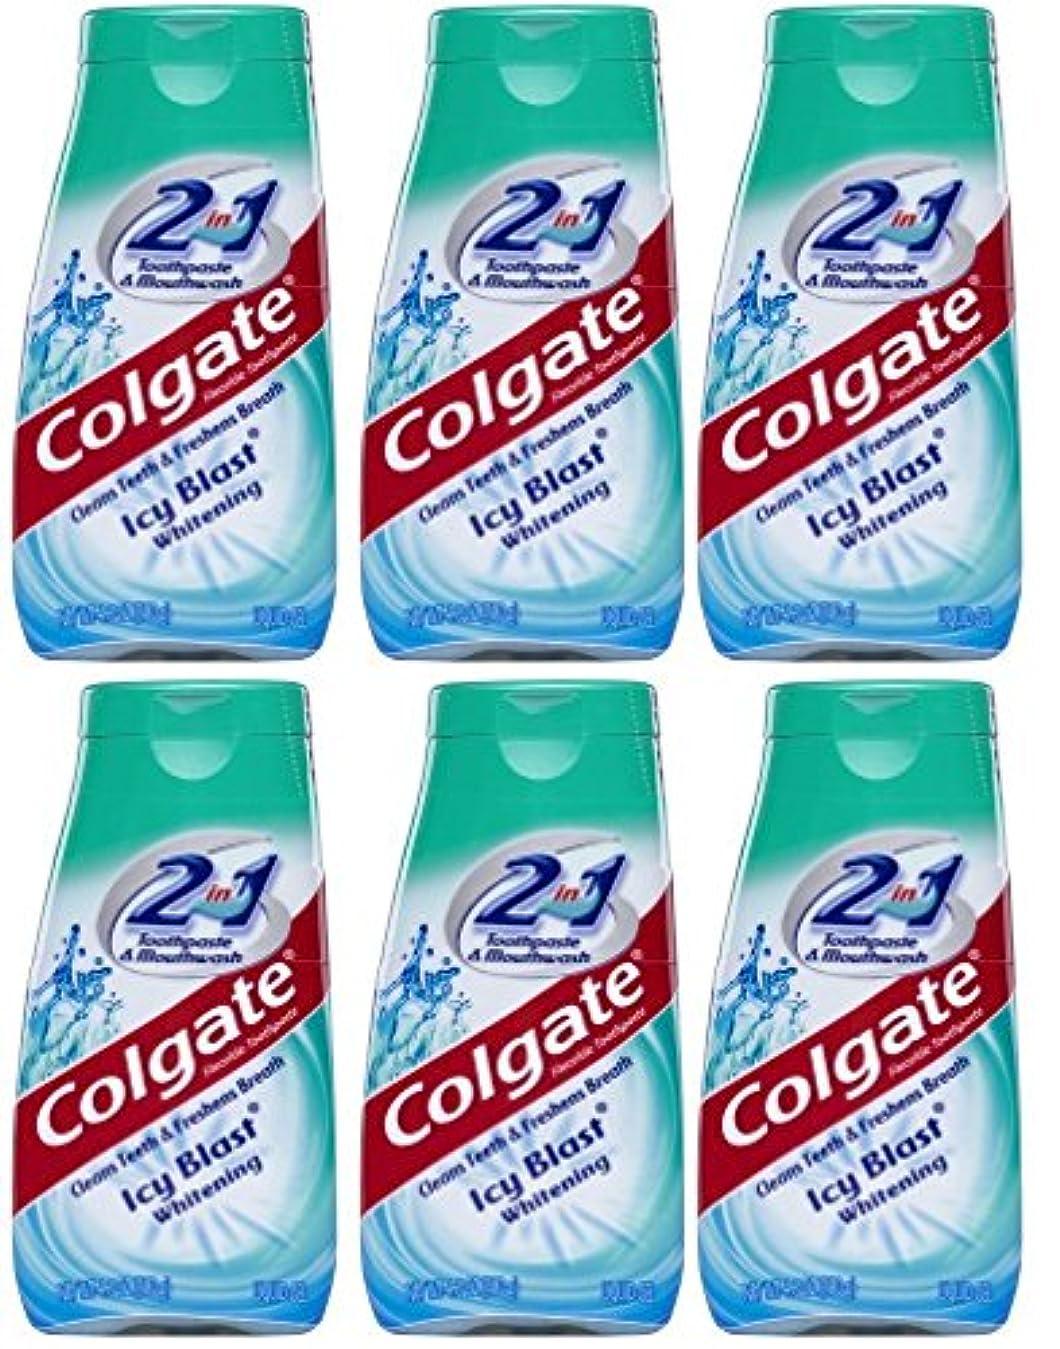 ほこりっぽいサービスドラムColgate 2-IN-1歯磨き粉およびマウスウォッシュ、美白アイシーブラスト、4.6オンスチューブ(6パック) 6パック